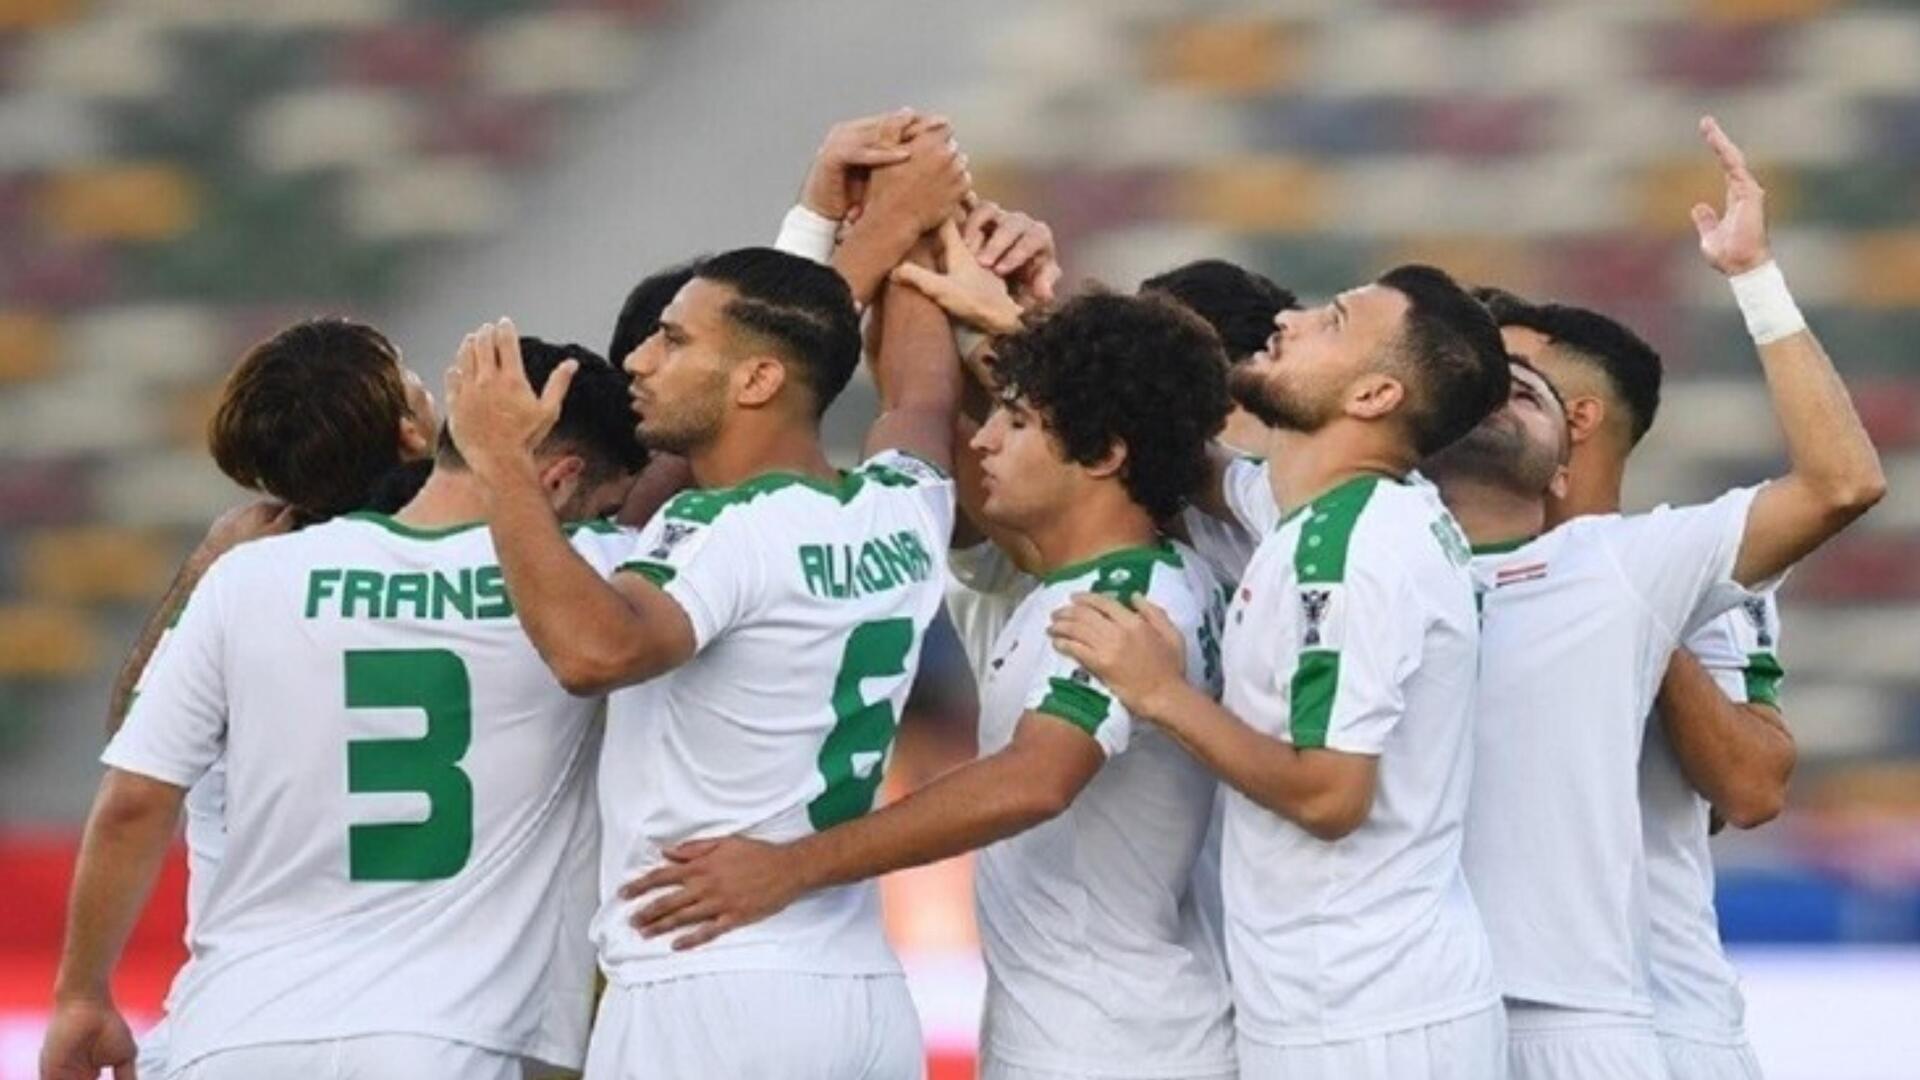 بسبب الوضع الأمني.. الفيفا يطلب من العراق اختيار أرض محايدة لمباريات أسود الرافدين